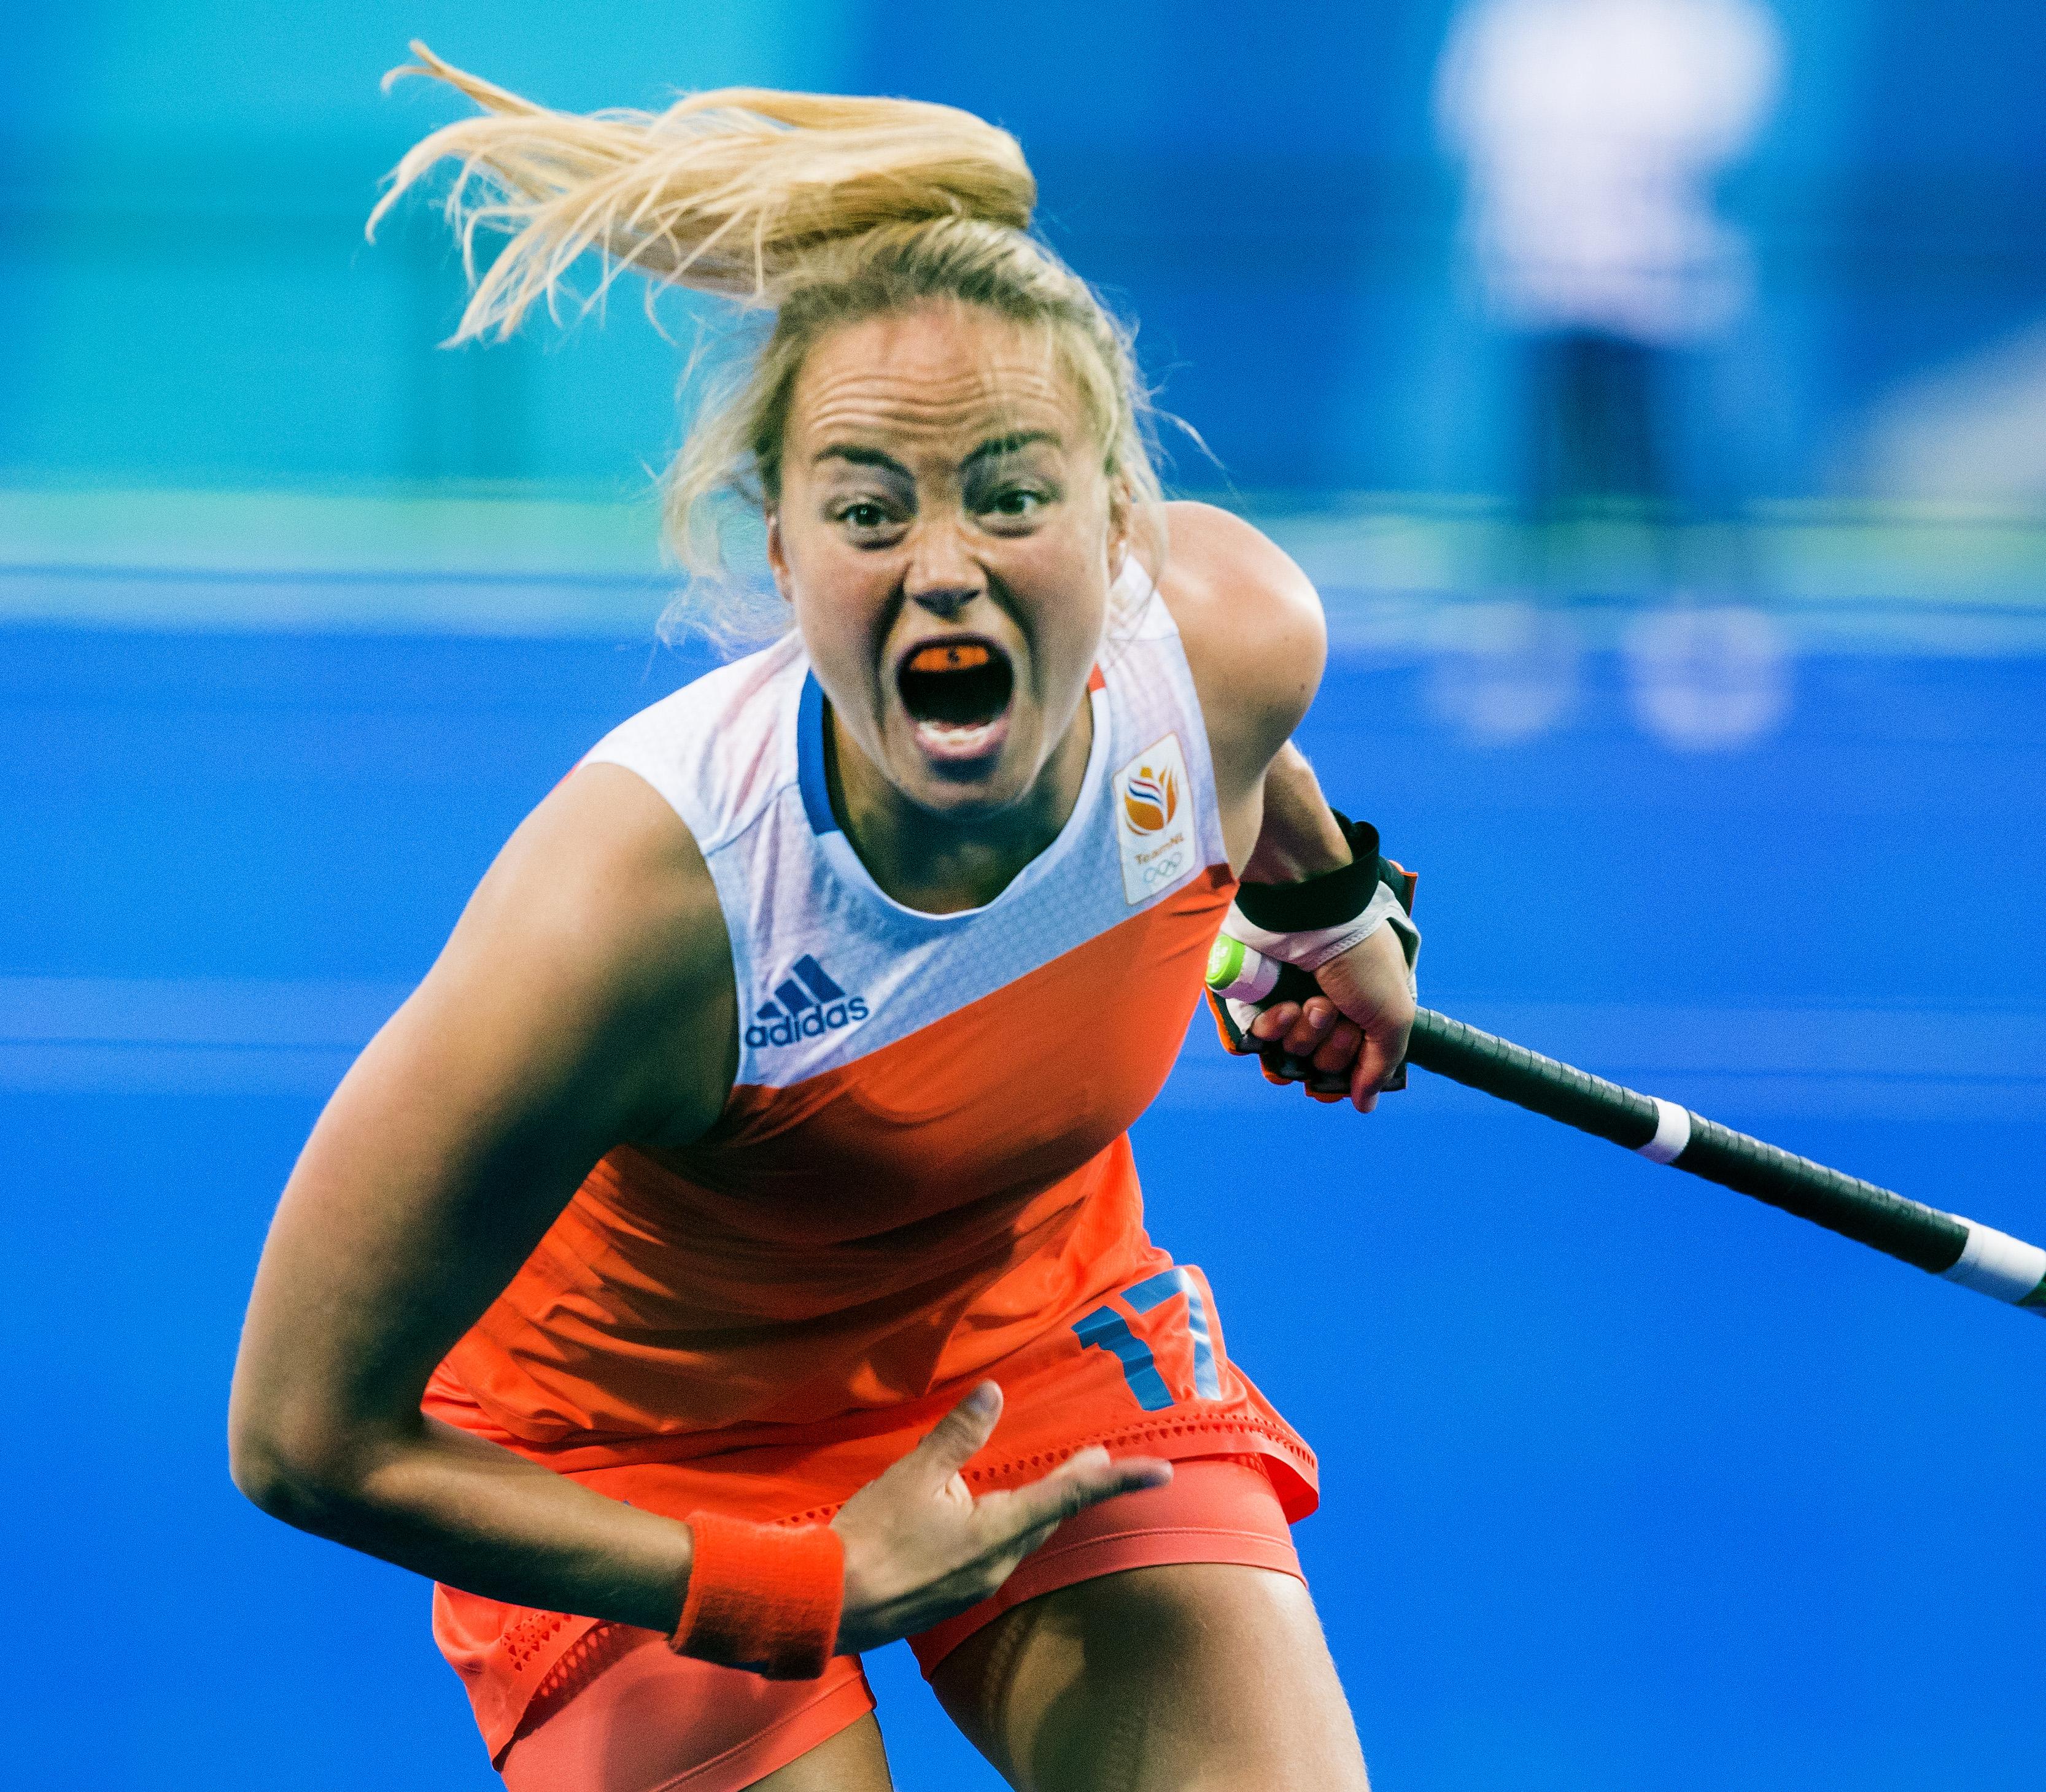 RIO DE JANEIRO (Brazili') - Maartje Paumen voor de poulewedstrijd hockey dames Nederland-Korea, tijdens de Olympische Spelen COPYRIGHT KOEN SUYK